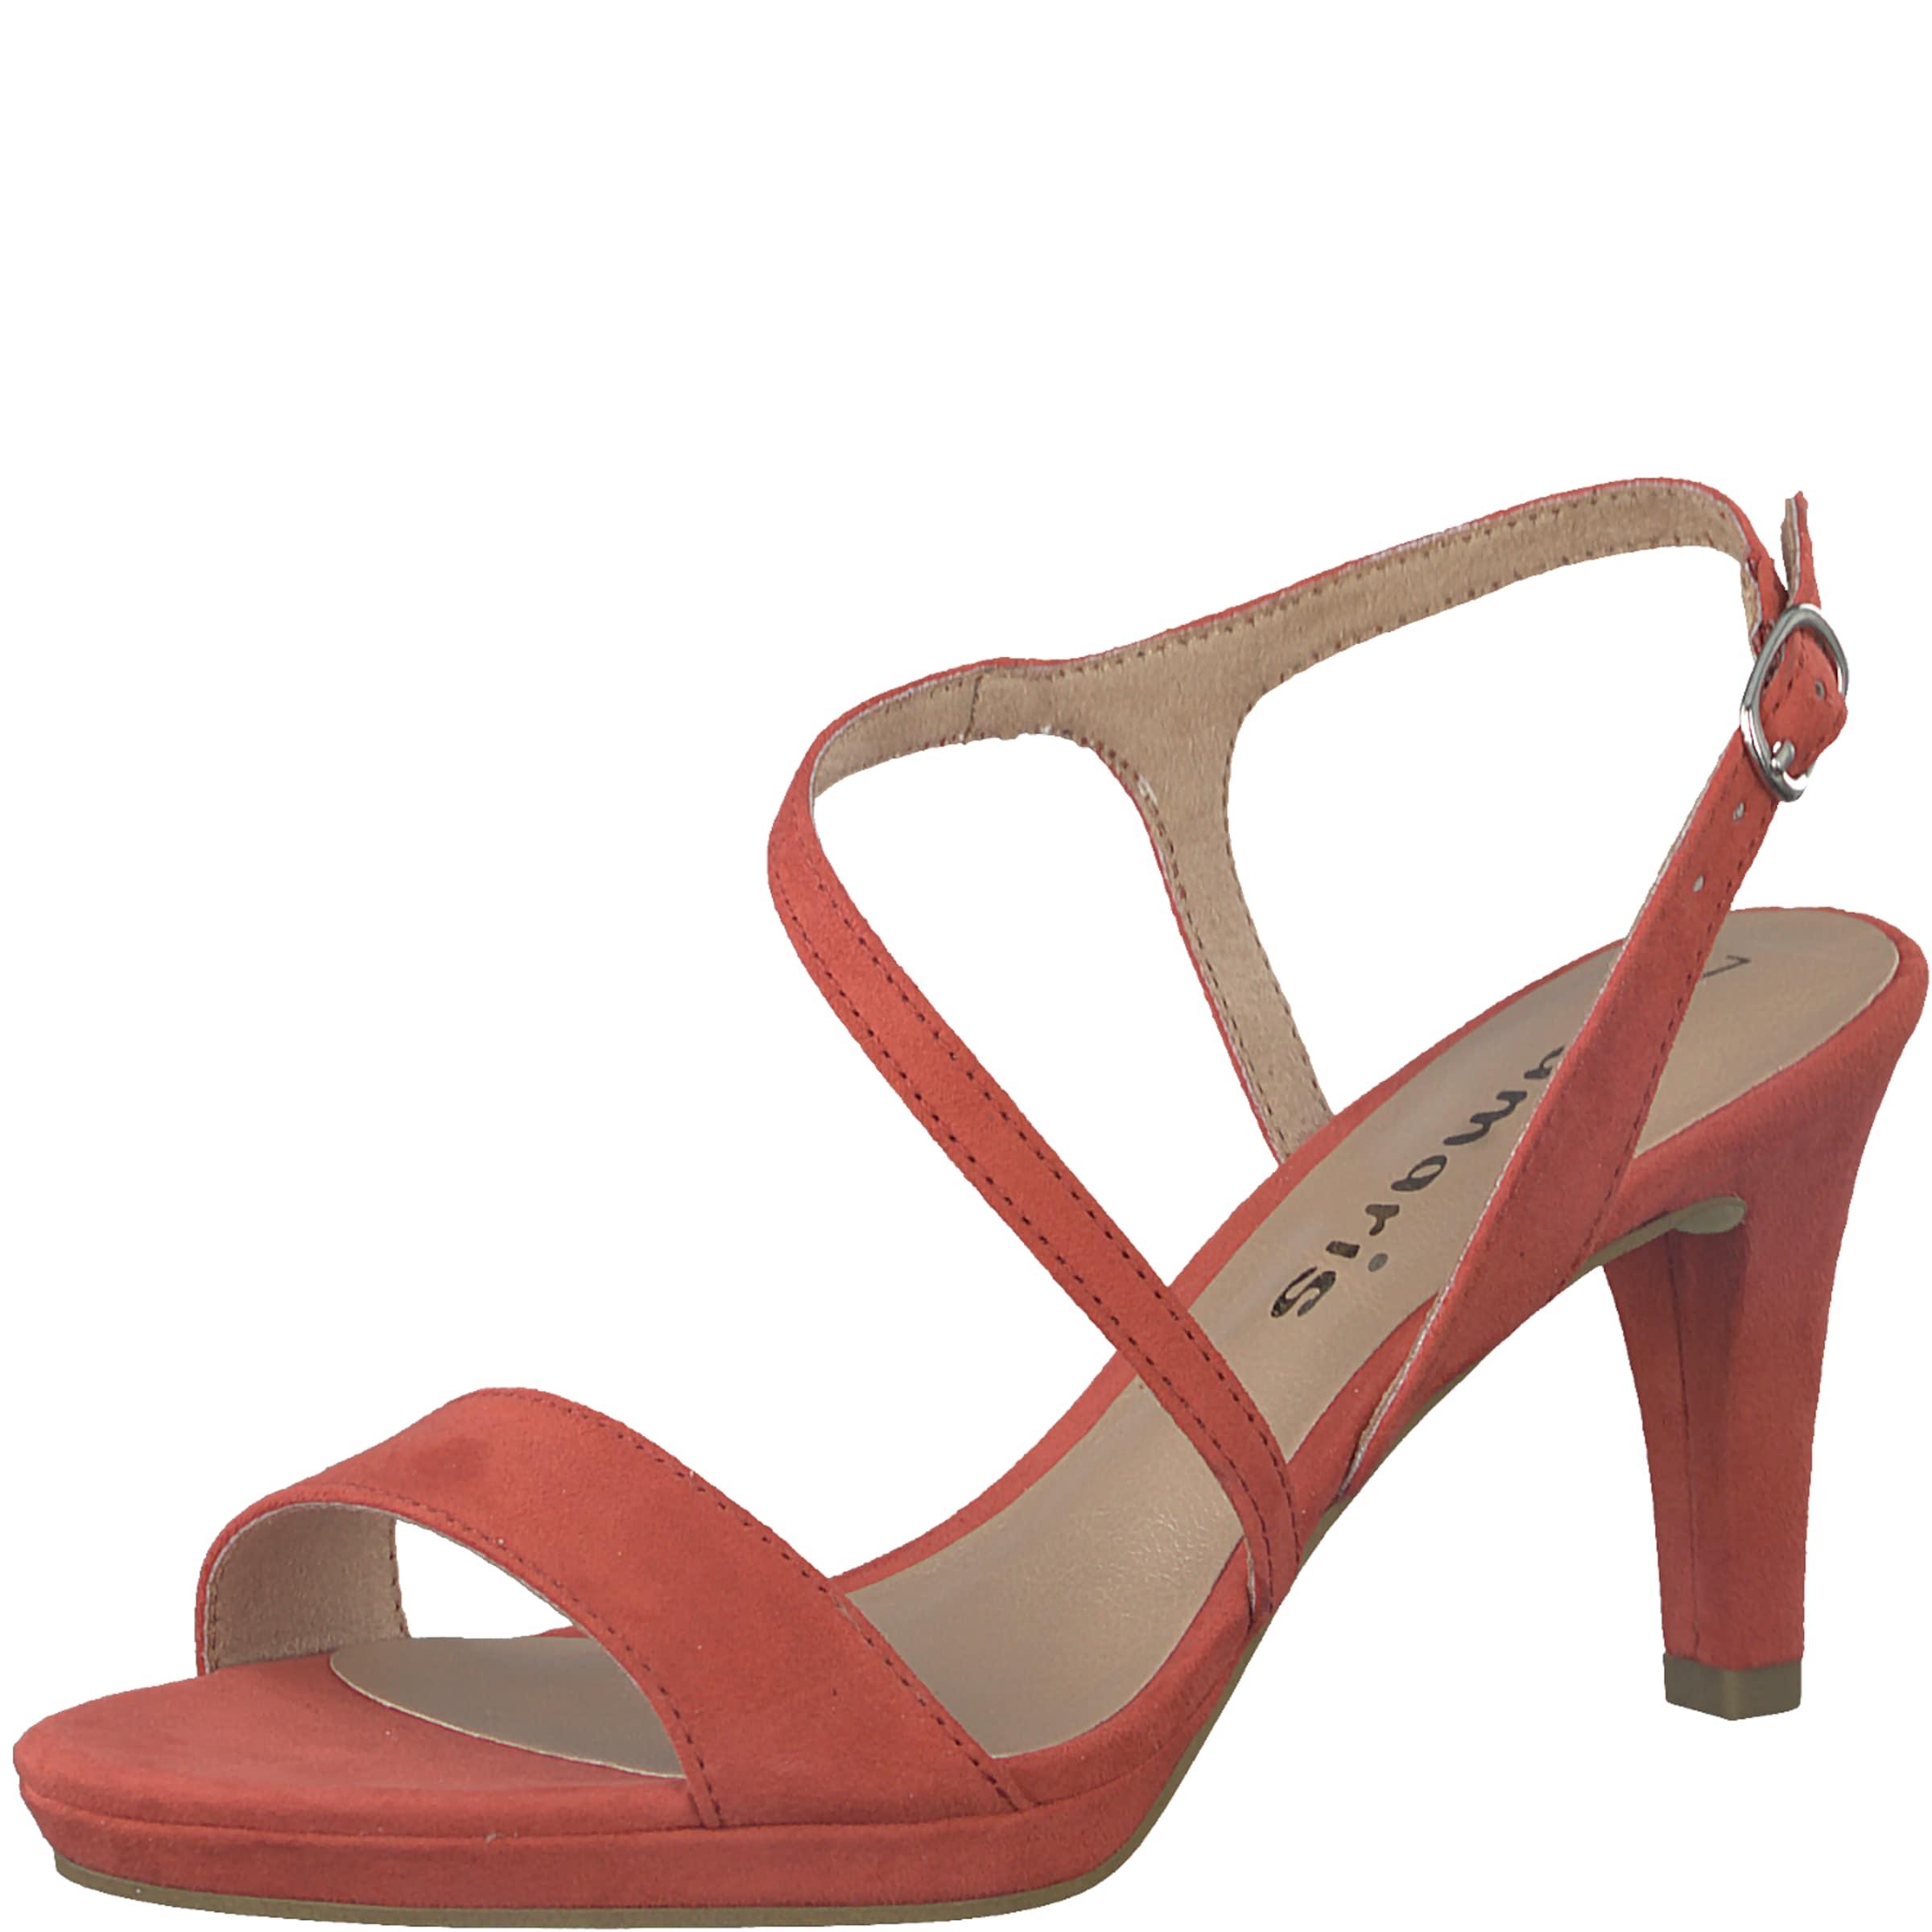 TAMARIS Sandale Sandal asymmetrisch Verschleißfeste billige Schuhe